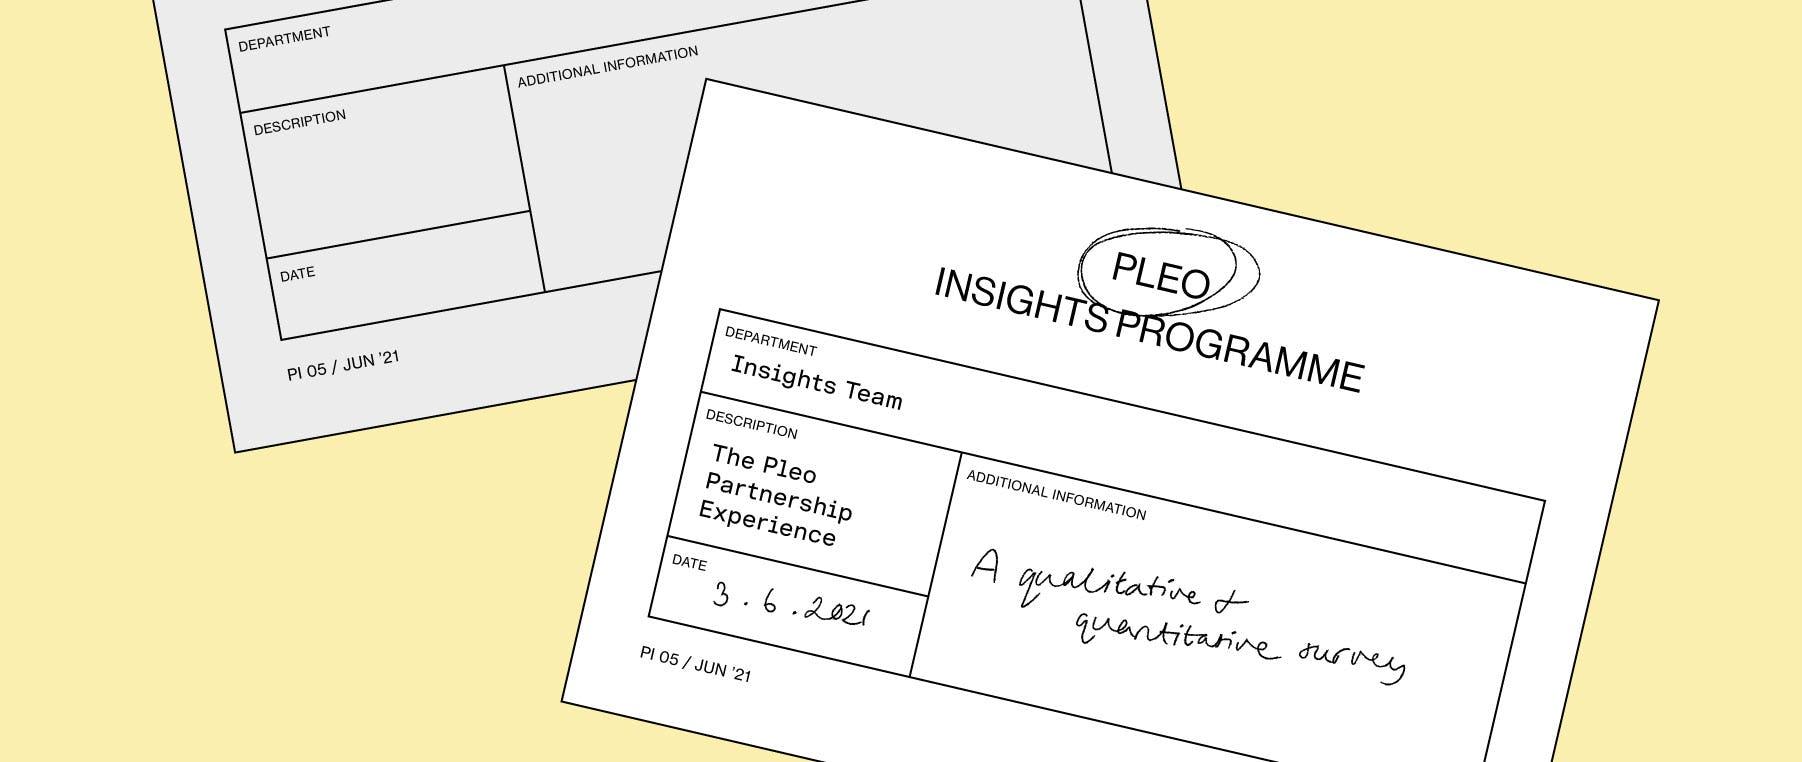 Umfrage unter Pleo-Partner:rinnen